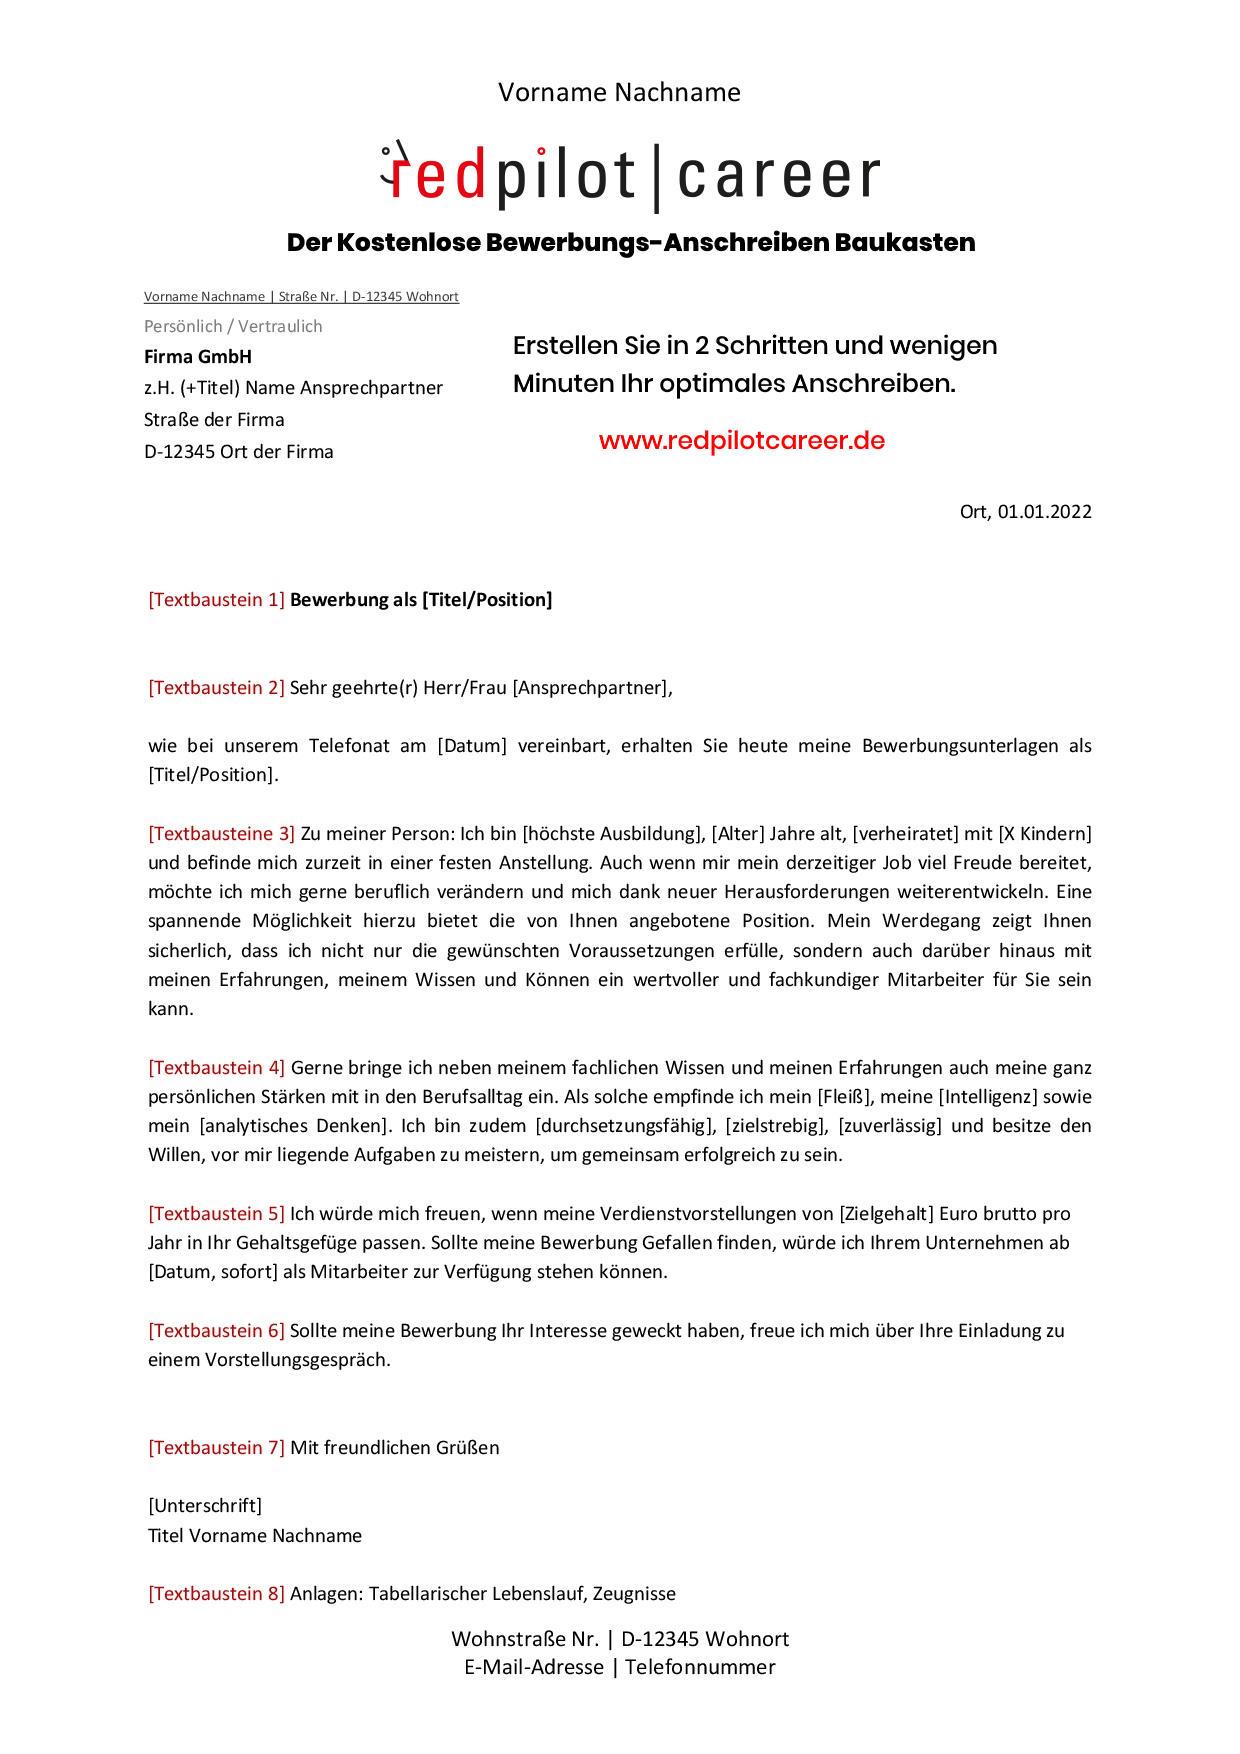 redpilot_pinterest_Muster_Anschreiben_Bewerbung_Basic01 v01